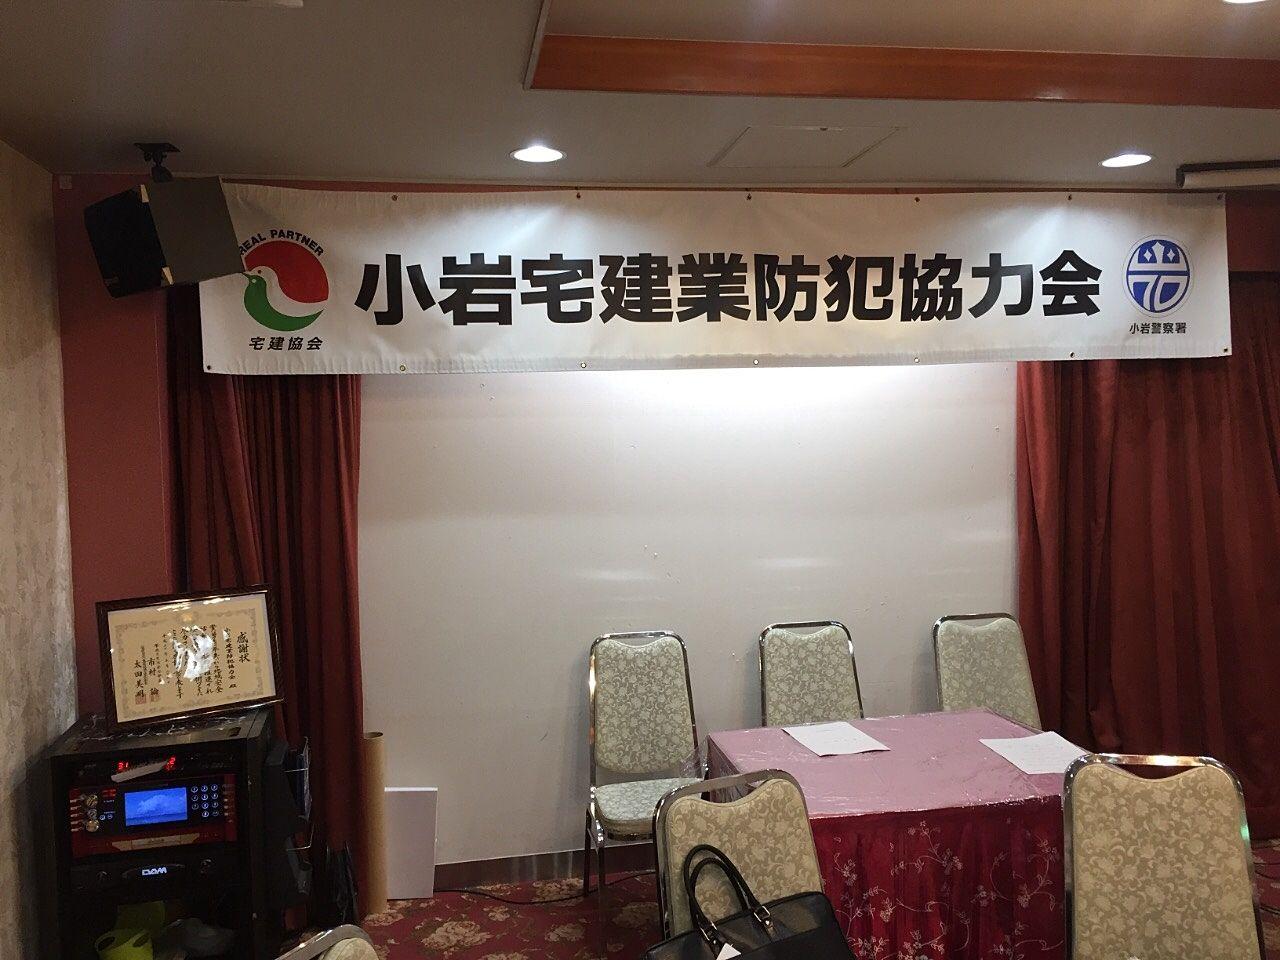 小岩宅建業防犯協力会